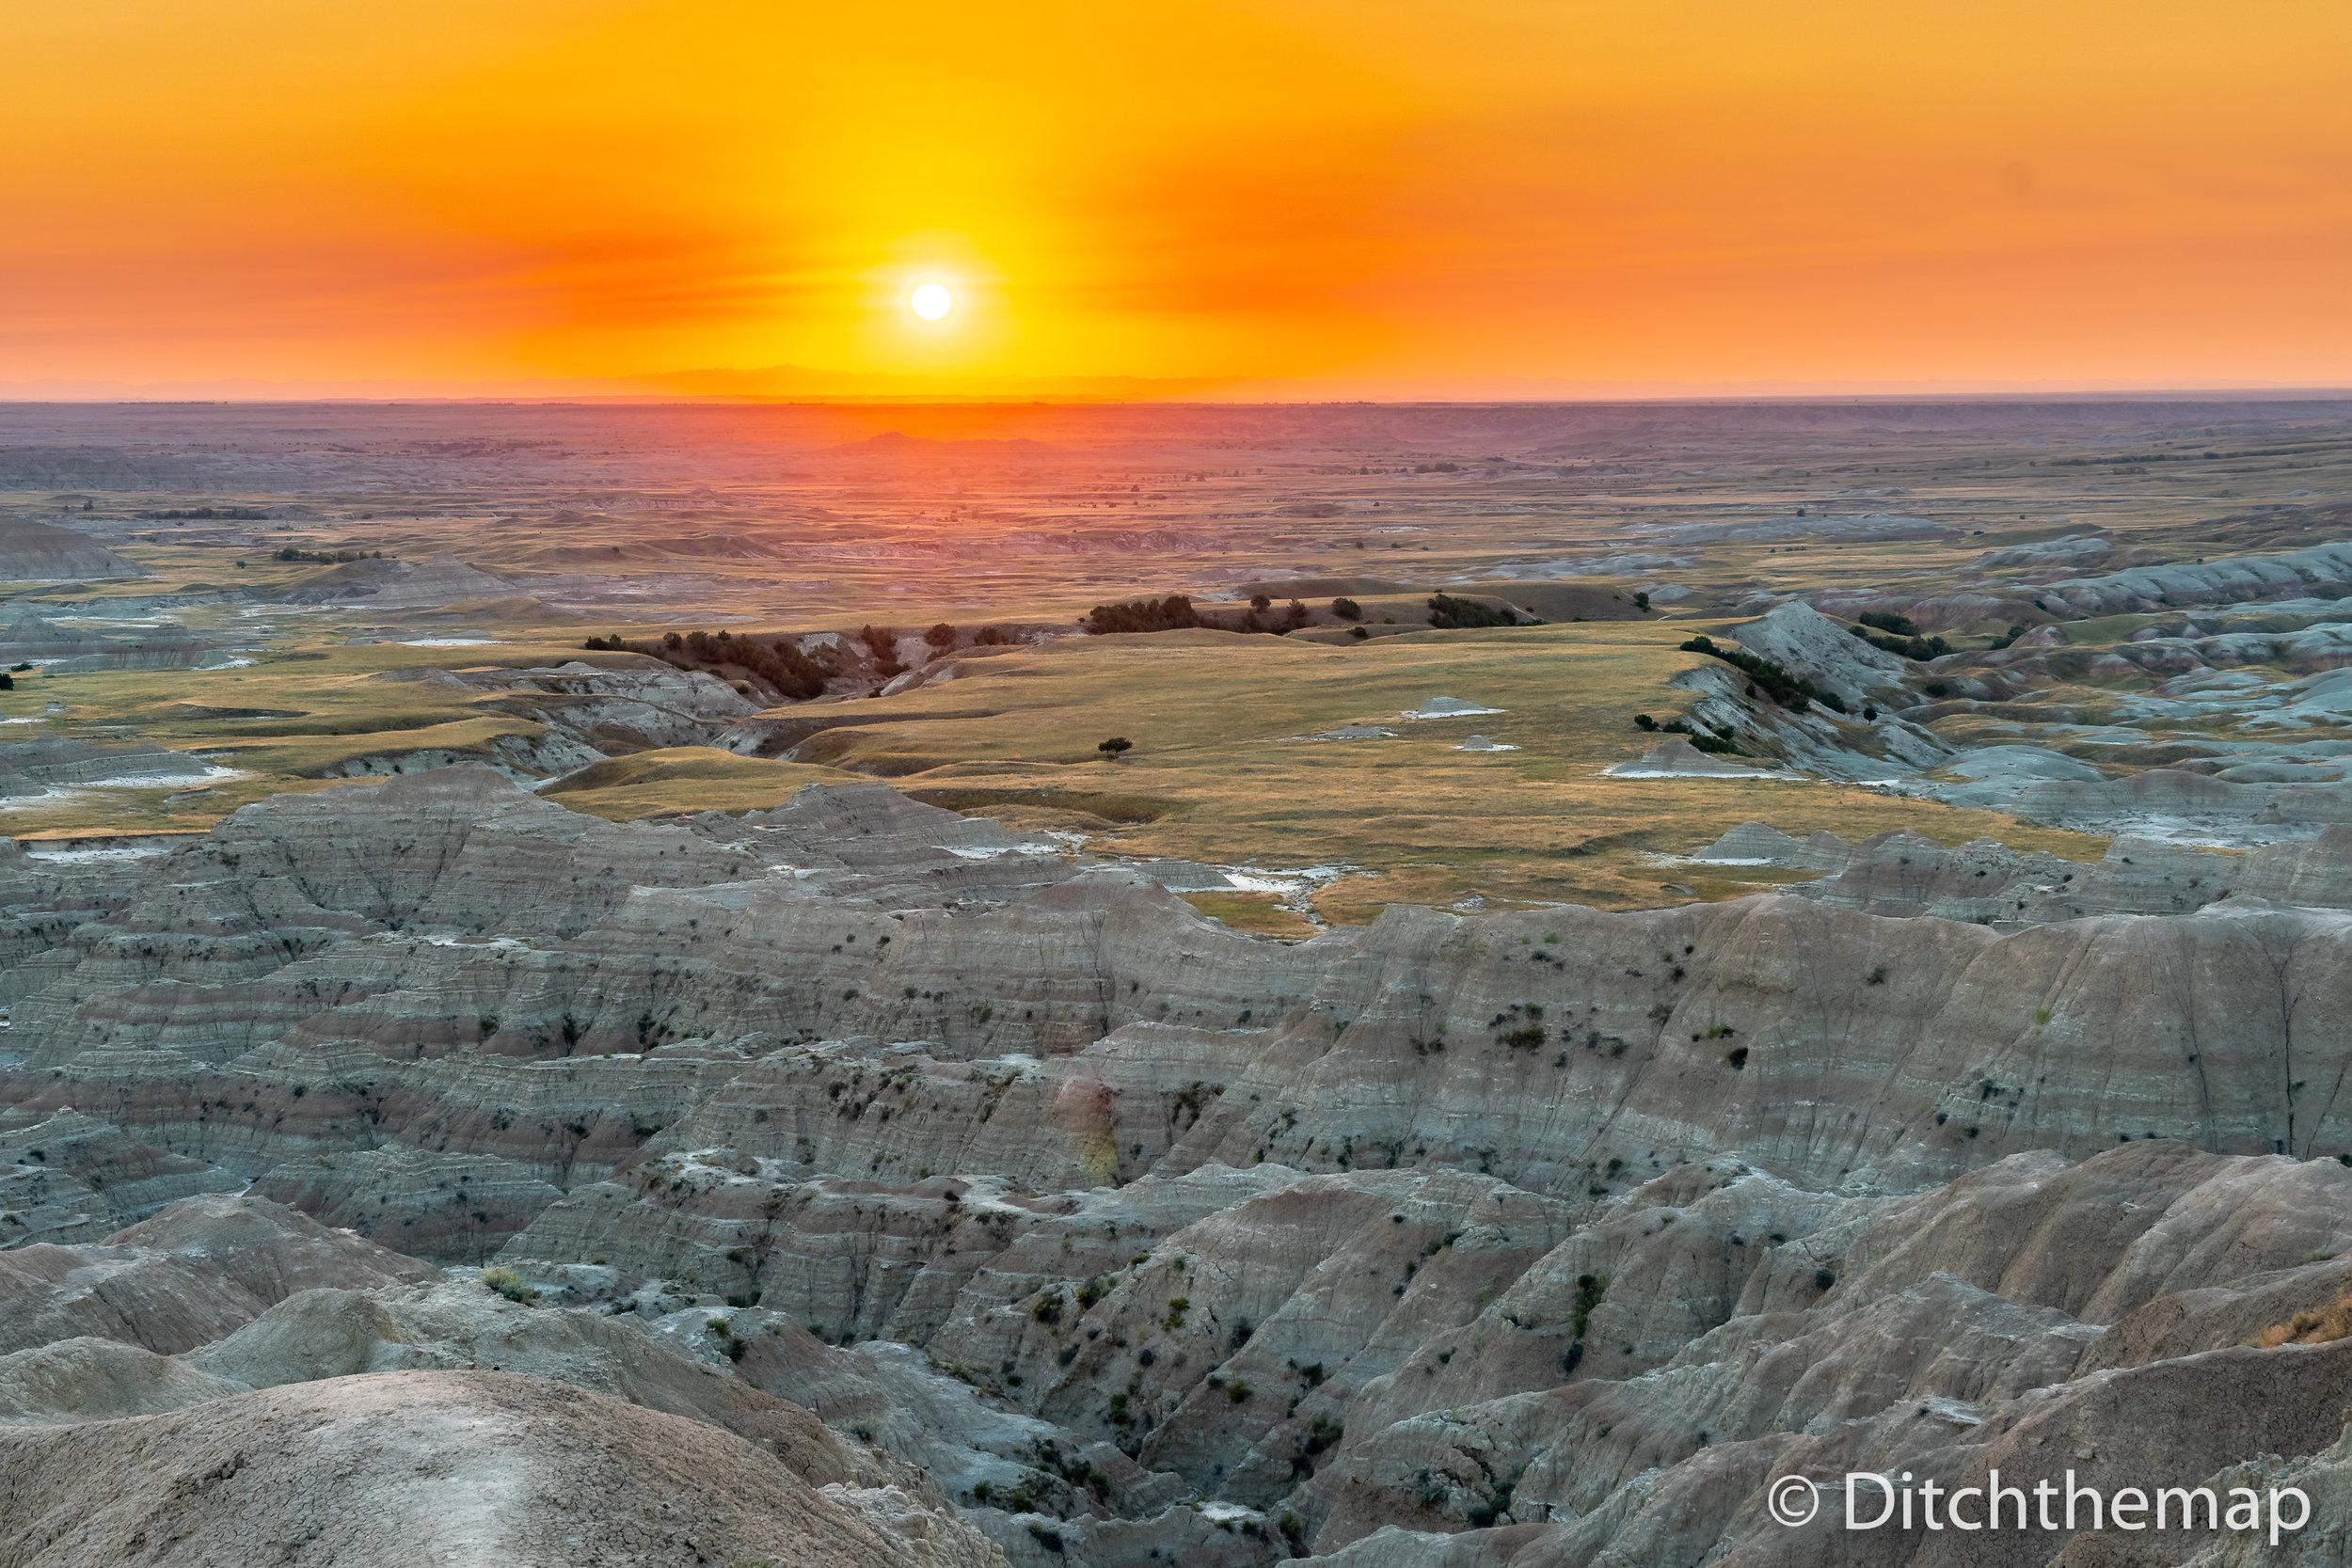 Sunset over Badlands National Park, South Dakota